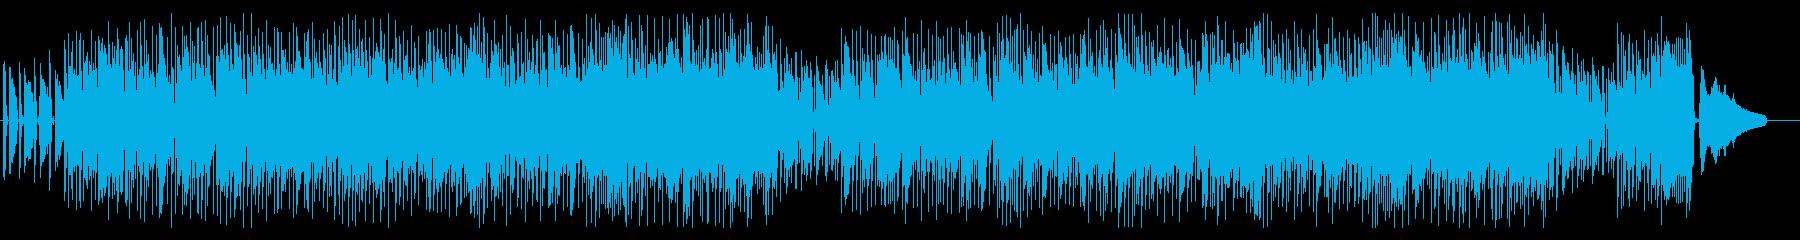 ノリが良くて可愛く明るい日常シーンの再生済みの波形